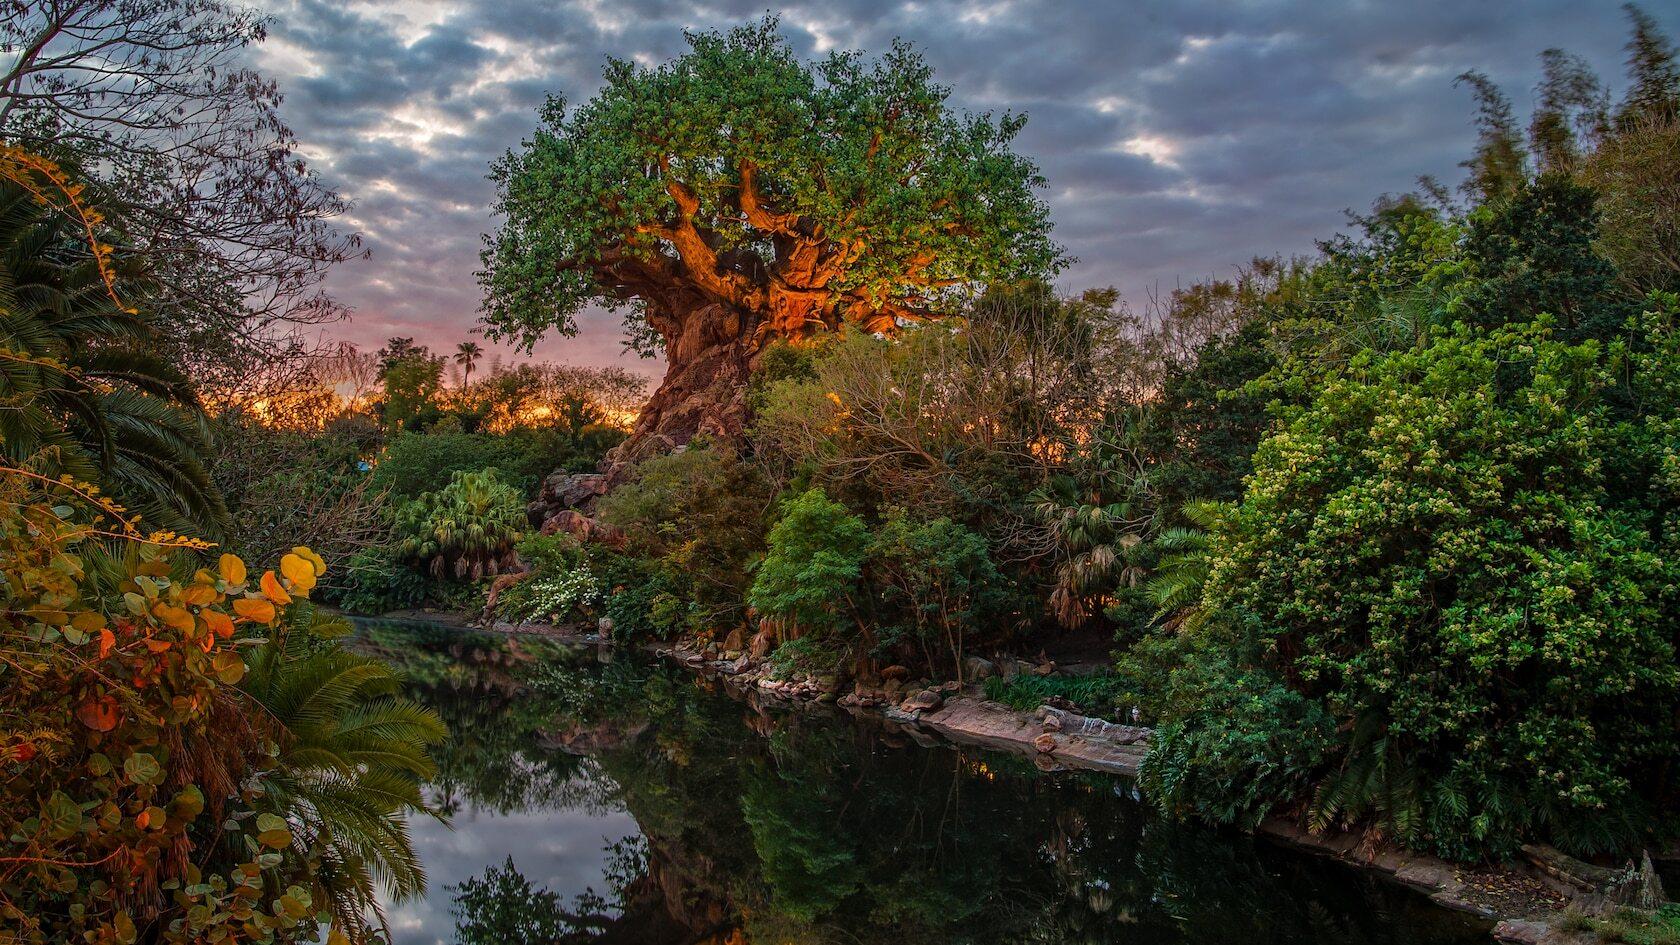 1 Day Disney World Tickets